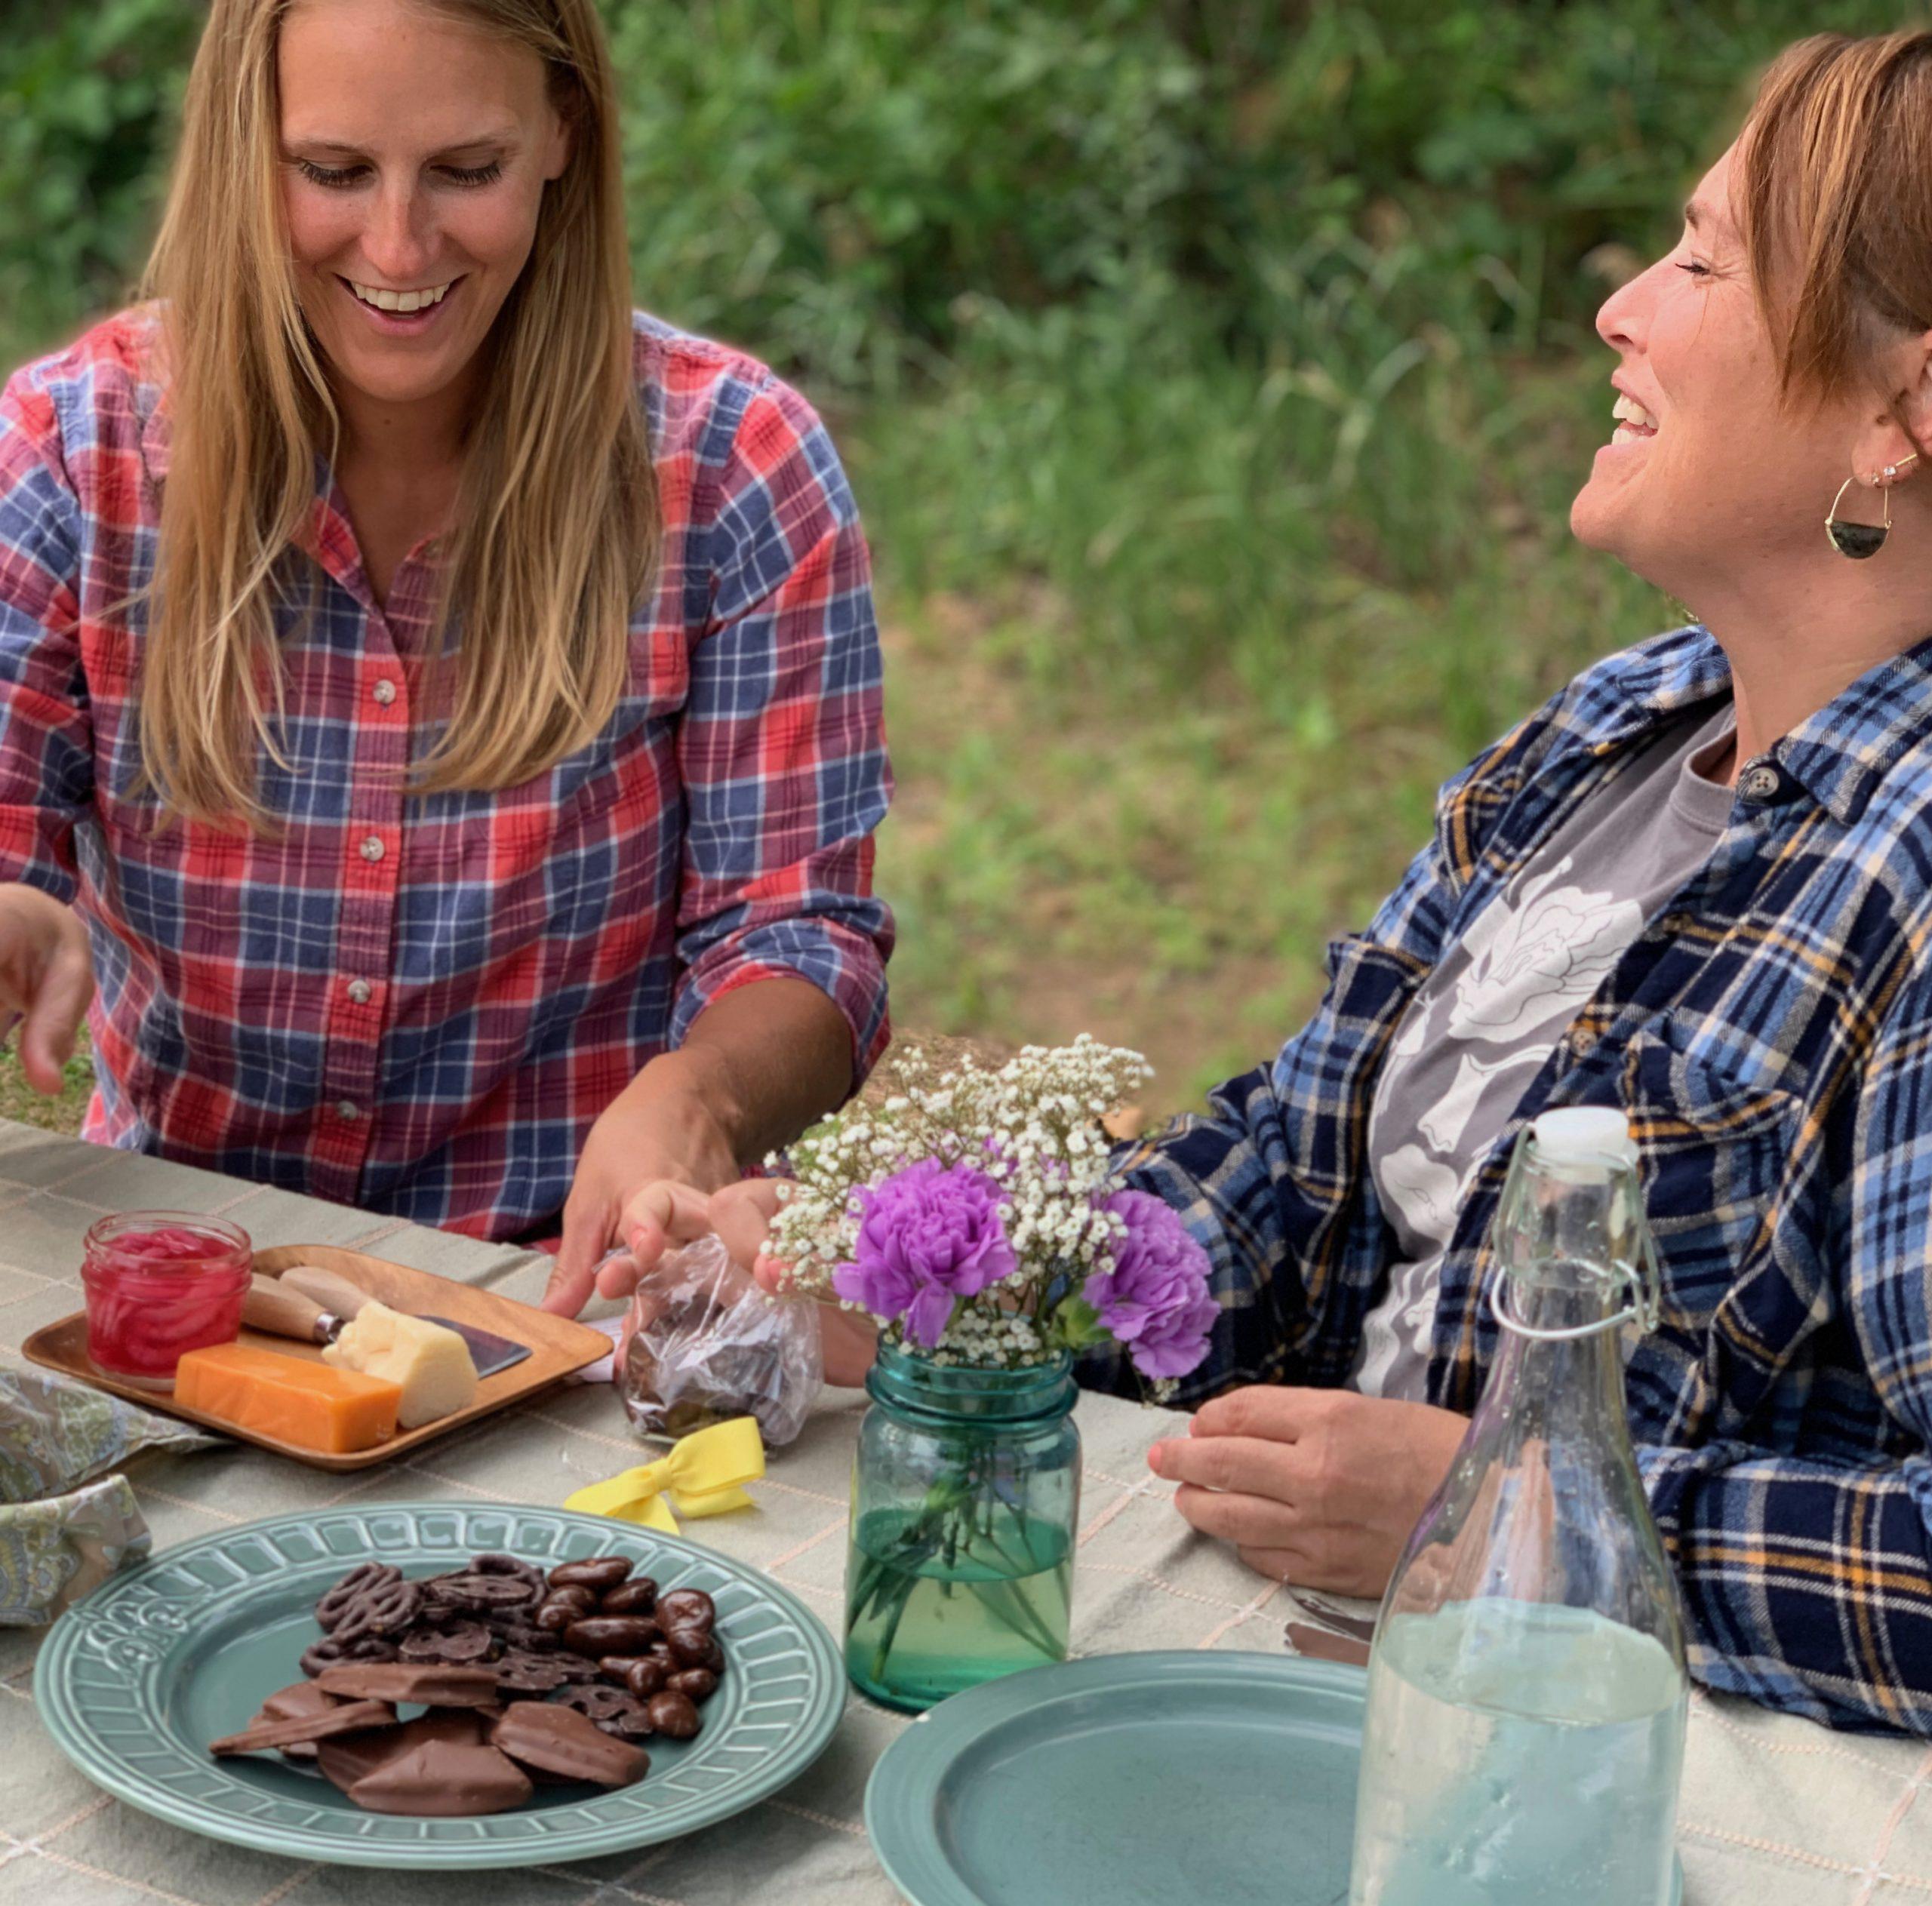 picnic at farm